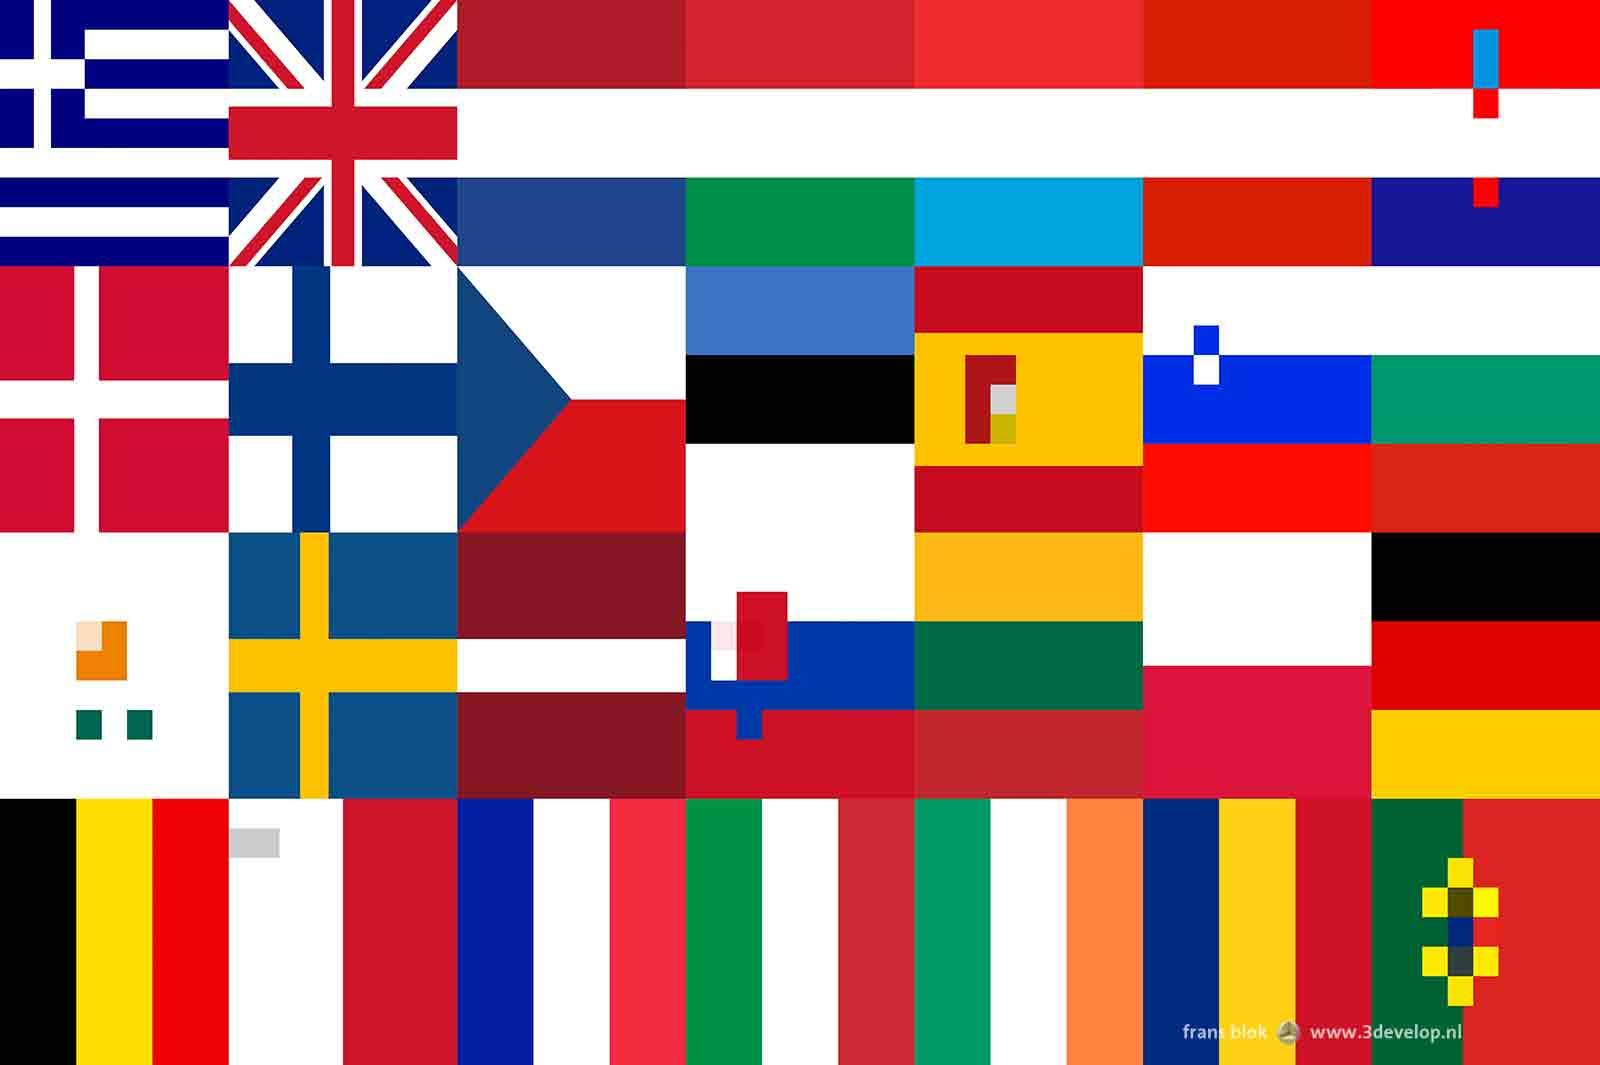 Een vereenvoudigde, gepixelde versie van een compositie met de 28 vlaggen van de lidstaten van de Europese Unie